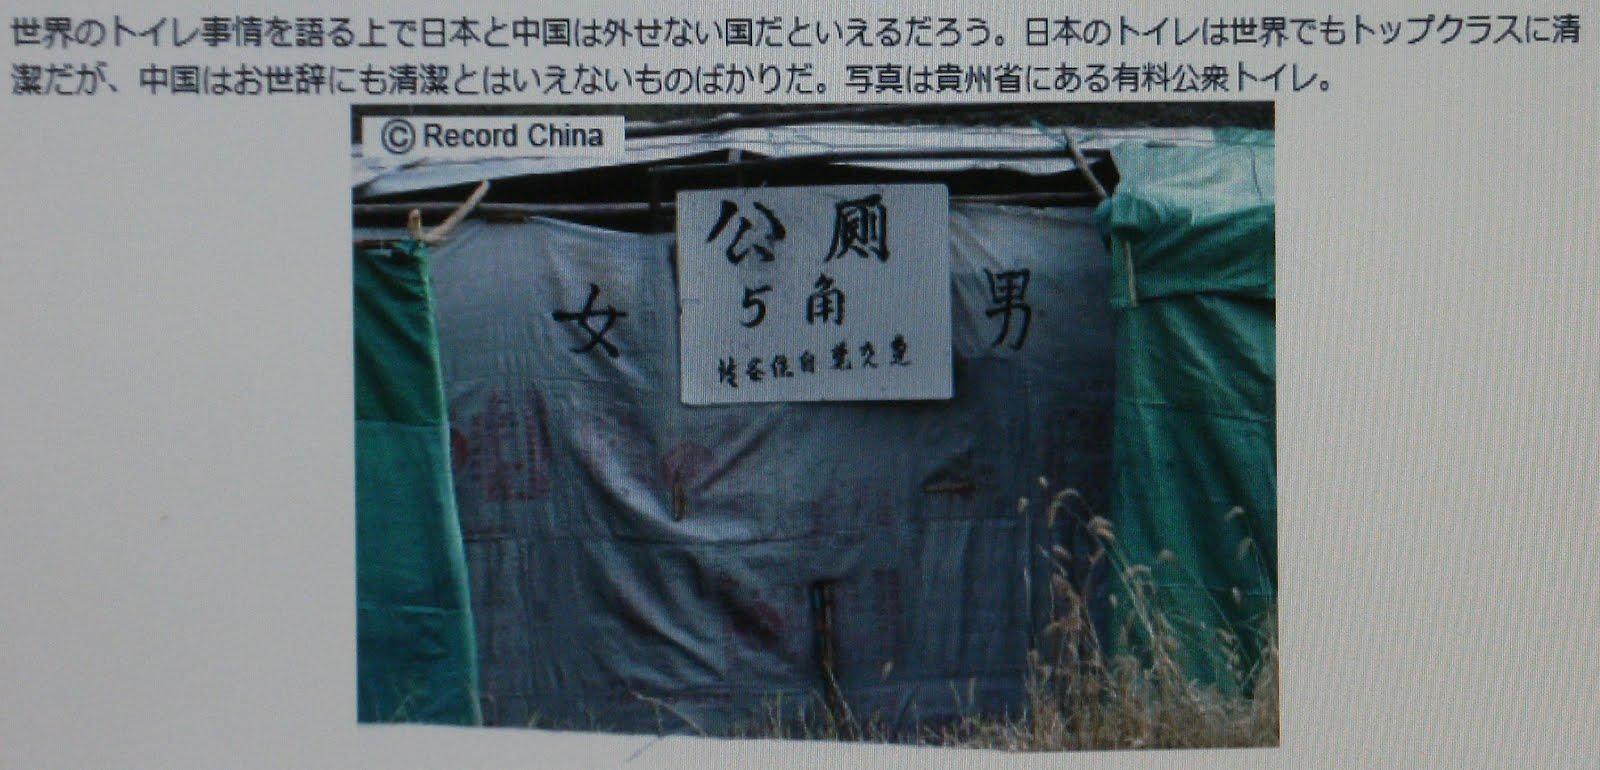 世界のトイレ事情を語るうえで日本と中国は外せない国だといえるだろう。 ...  世界トイレ事情!